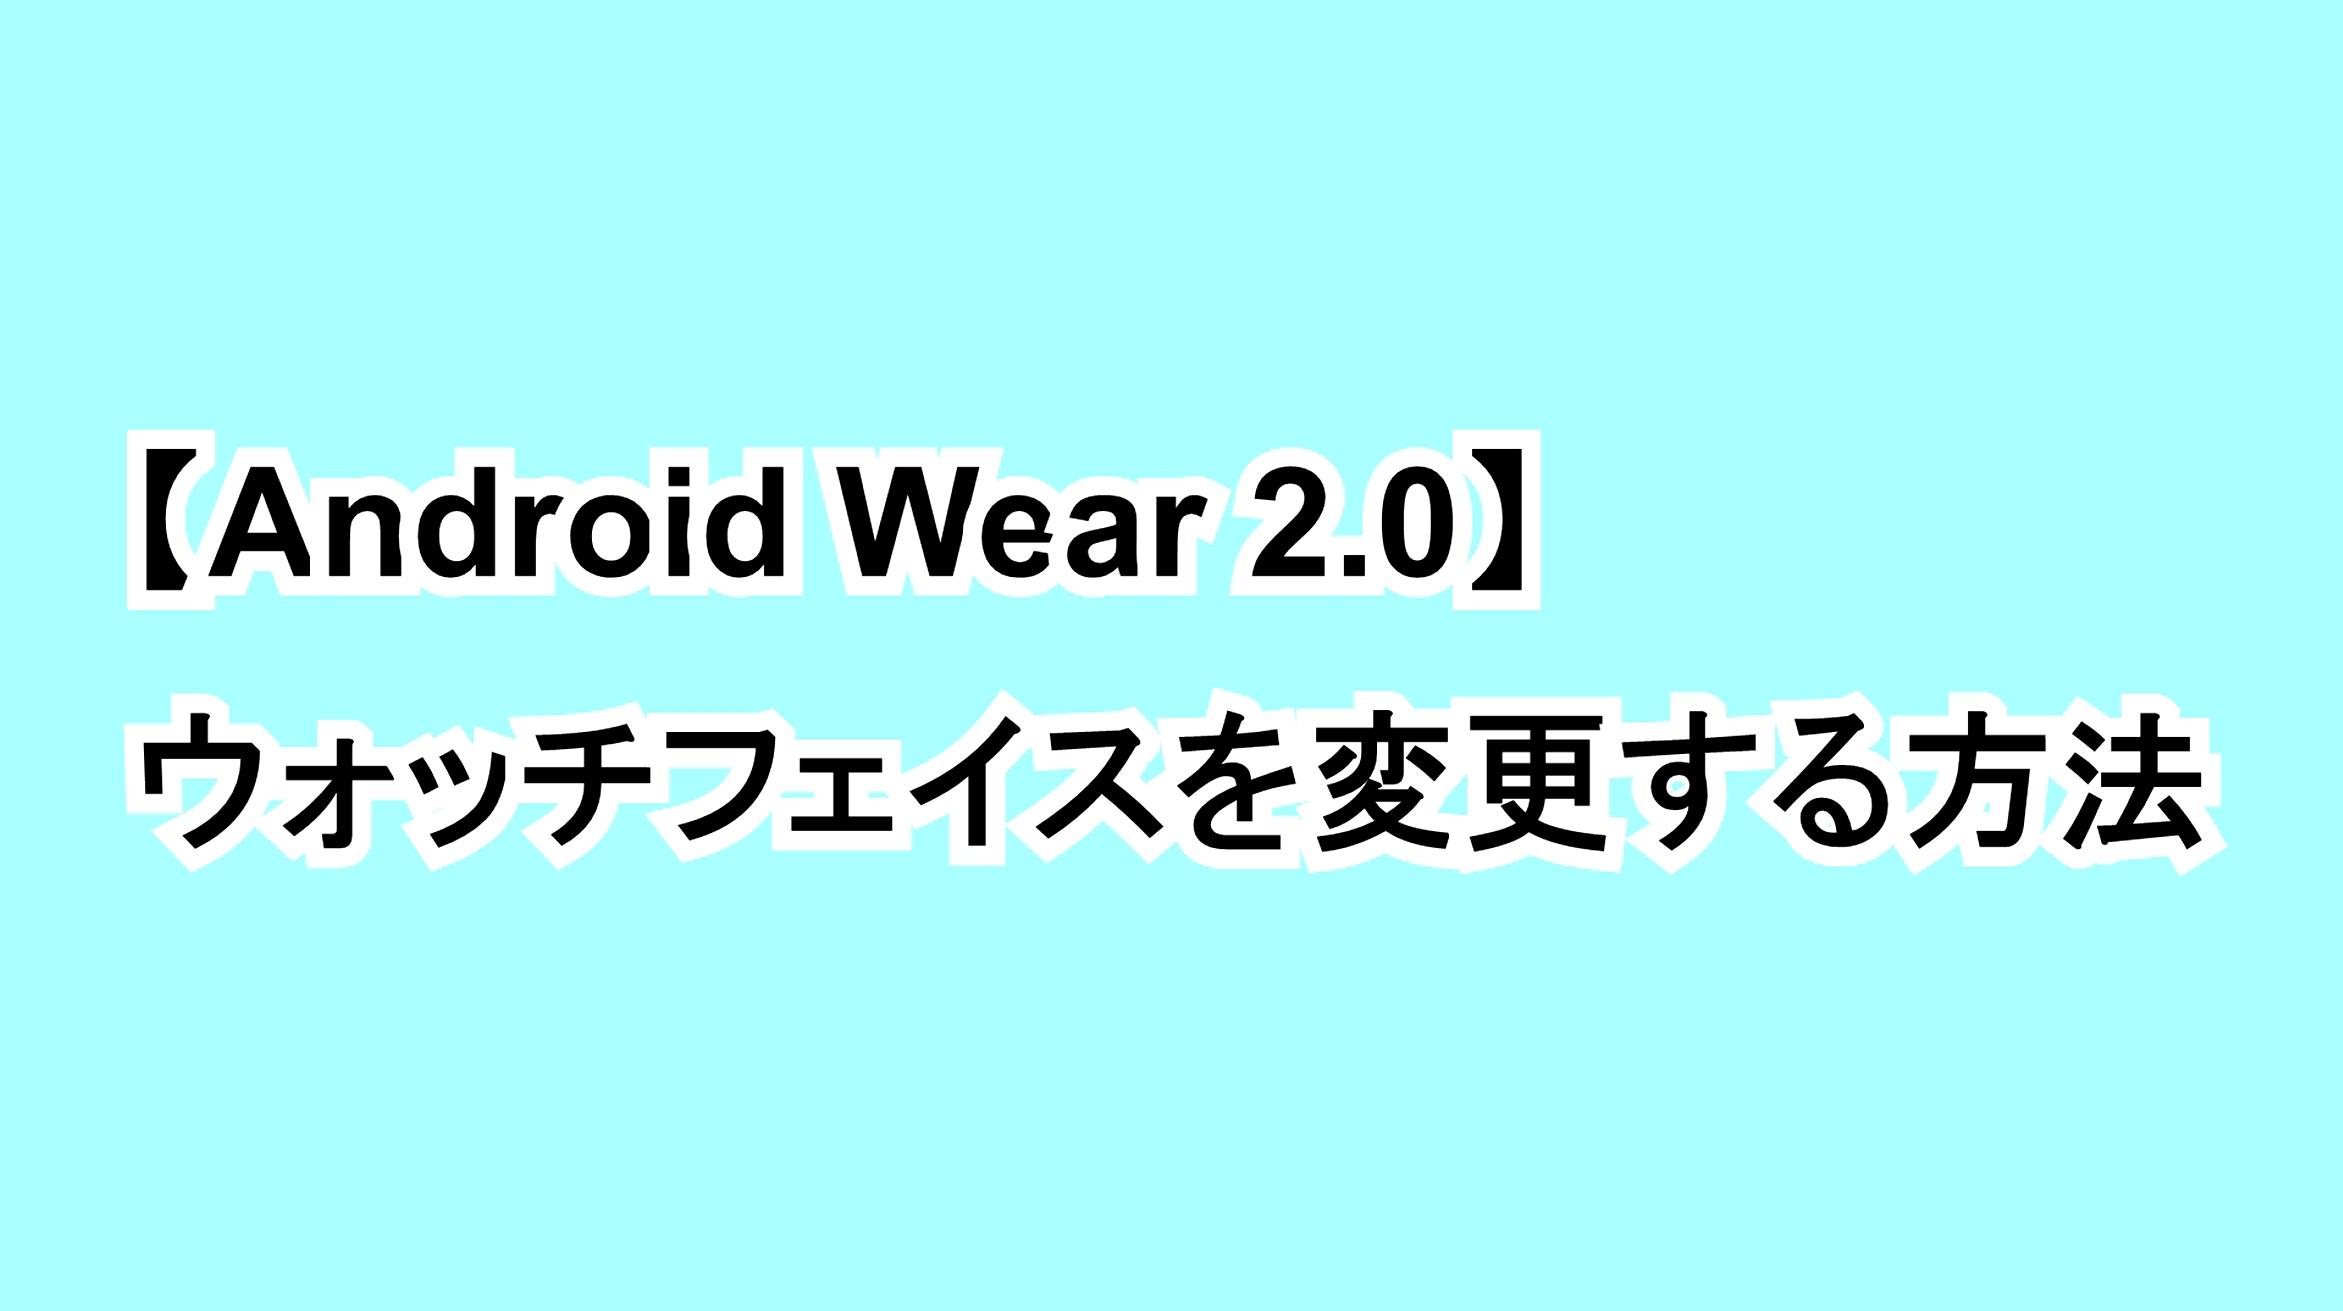 【Android Wear 2.0】ウォッチフェイスを変更する方法